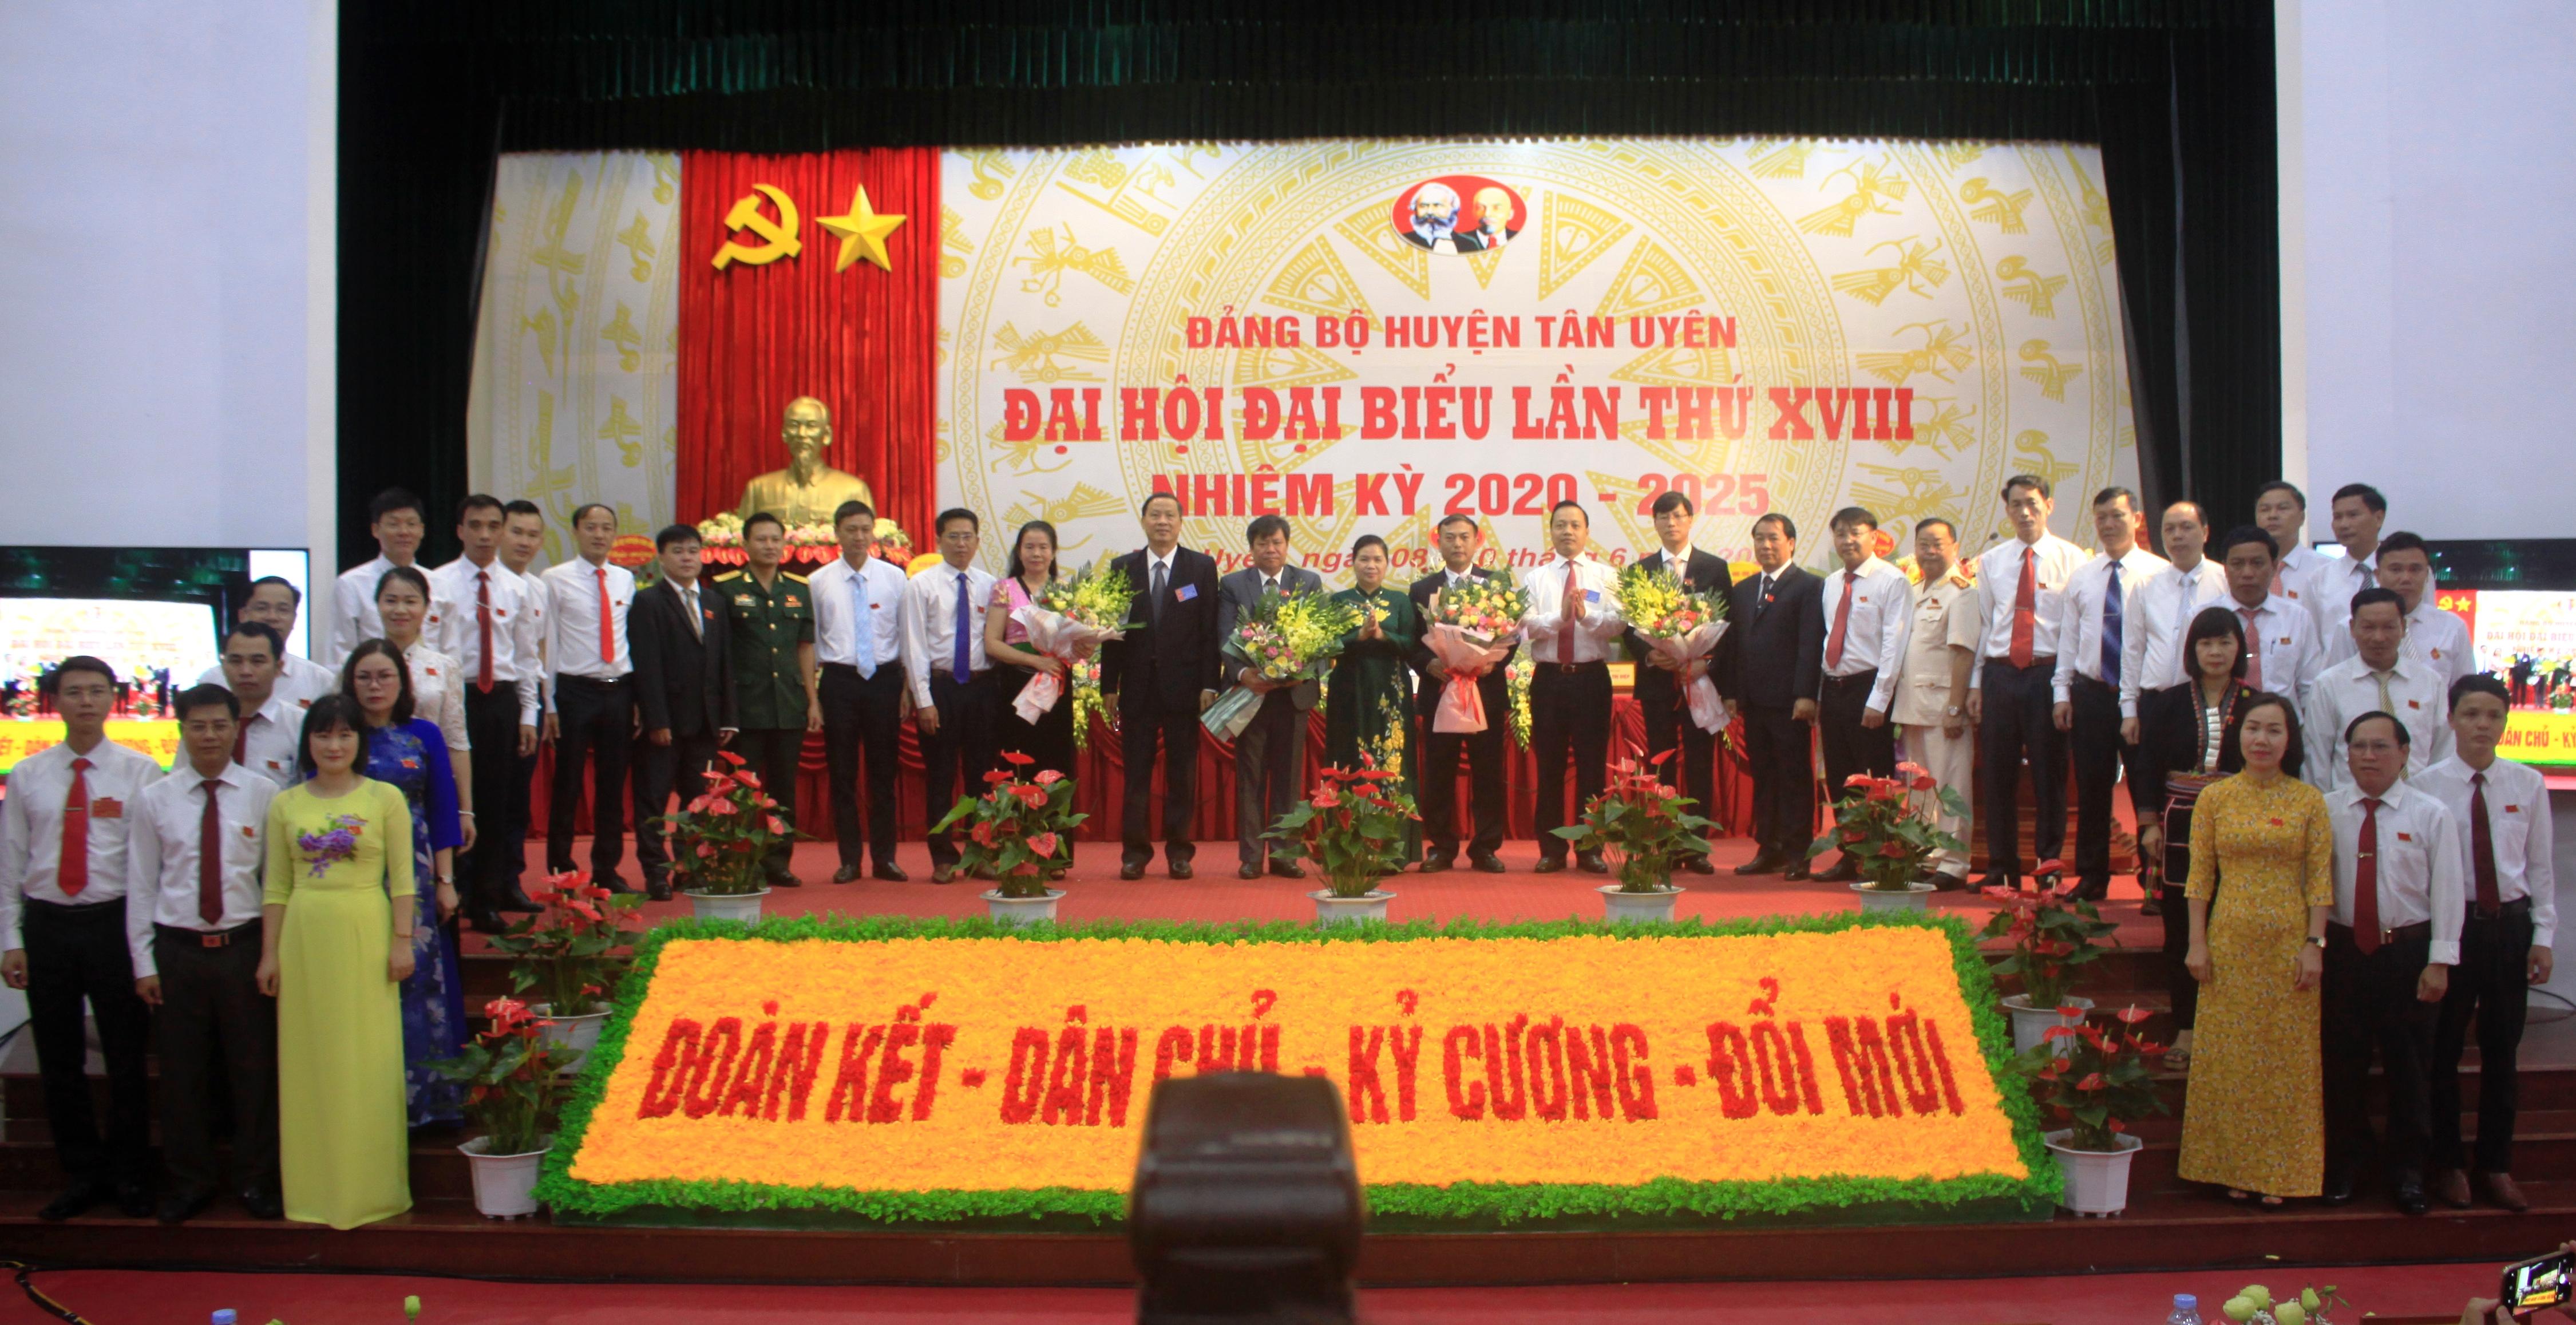 Bí thư Tỉnh uỷ Giàng Páo Mỷ và các đồng chí lãnh đạo tỉnh Lai Châu chúc mừng Ban Chấp hành Đảng bộ huyện Tân Uyên khoá mới